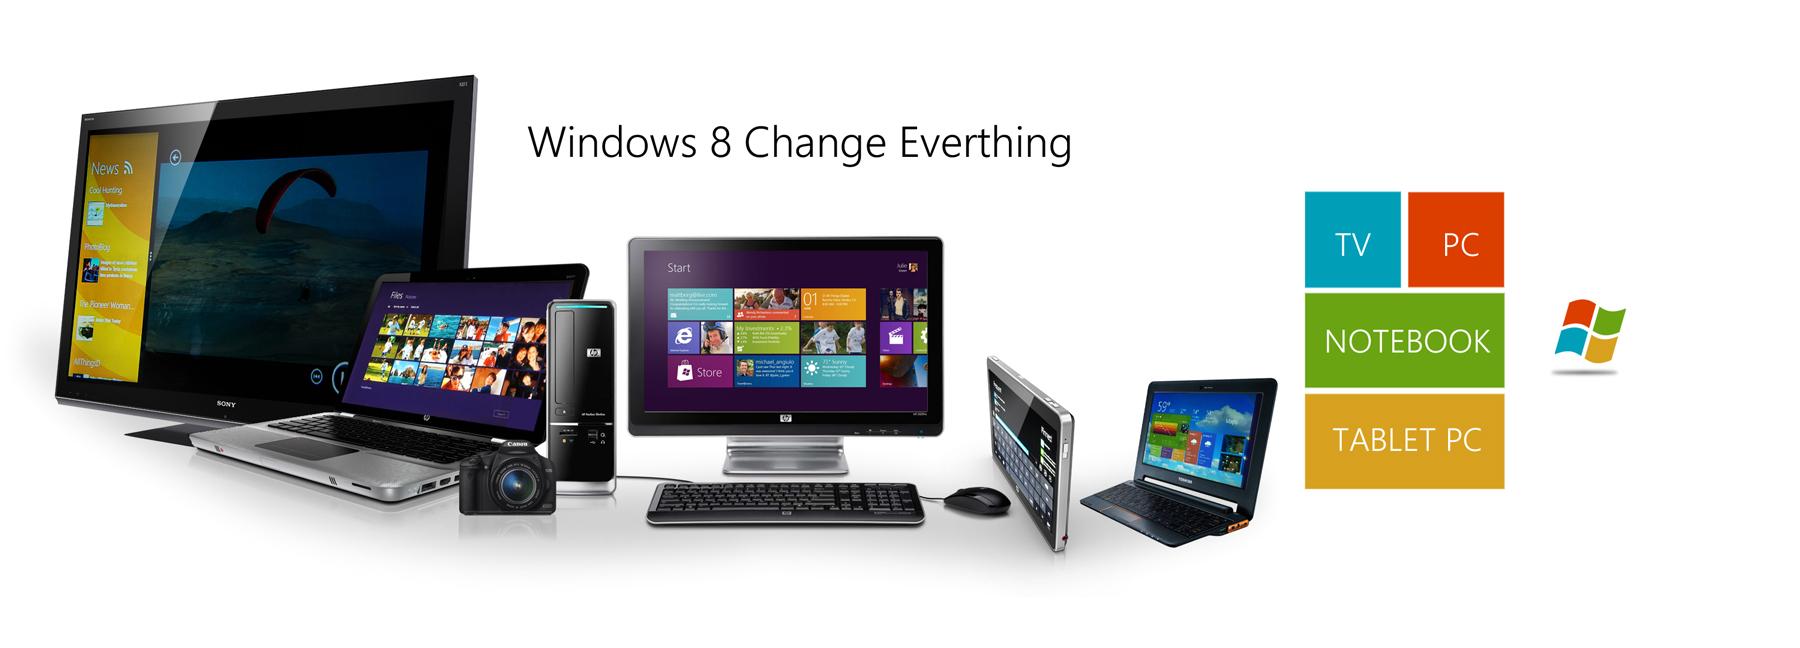 Windows 8 Change Everthing by MetroUI